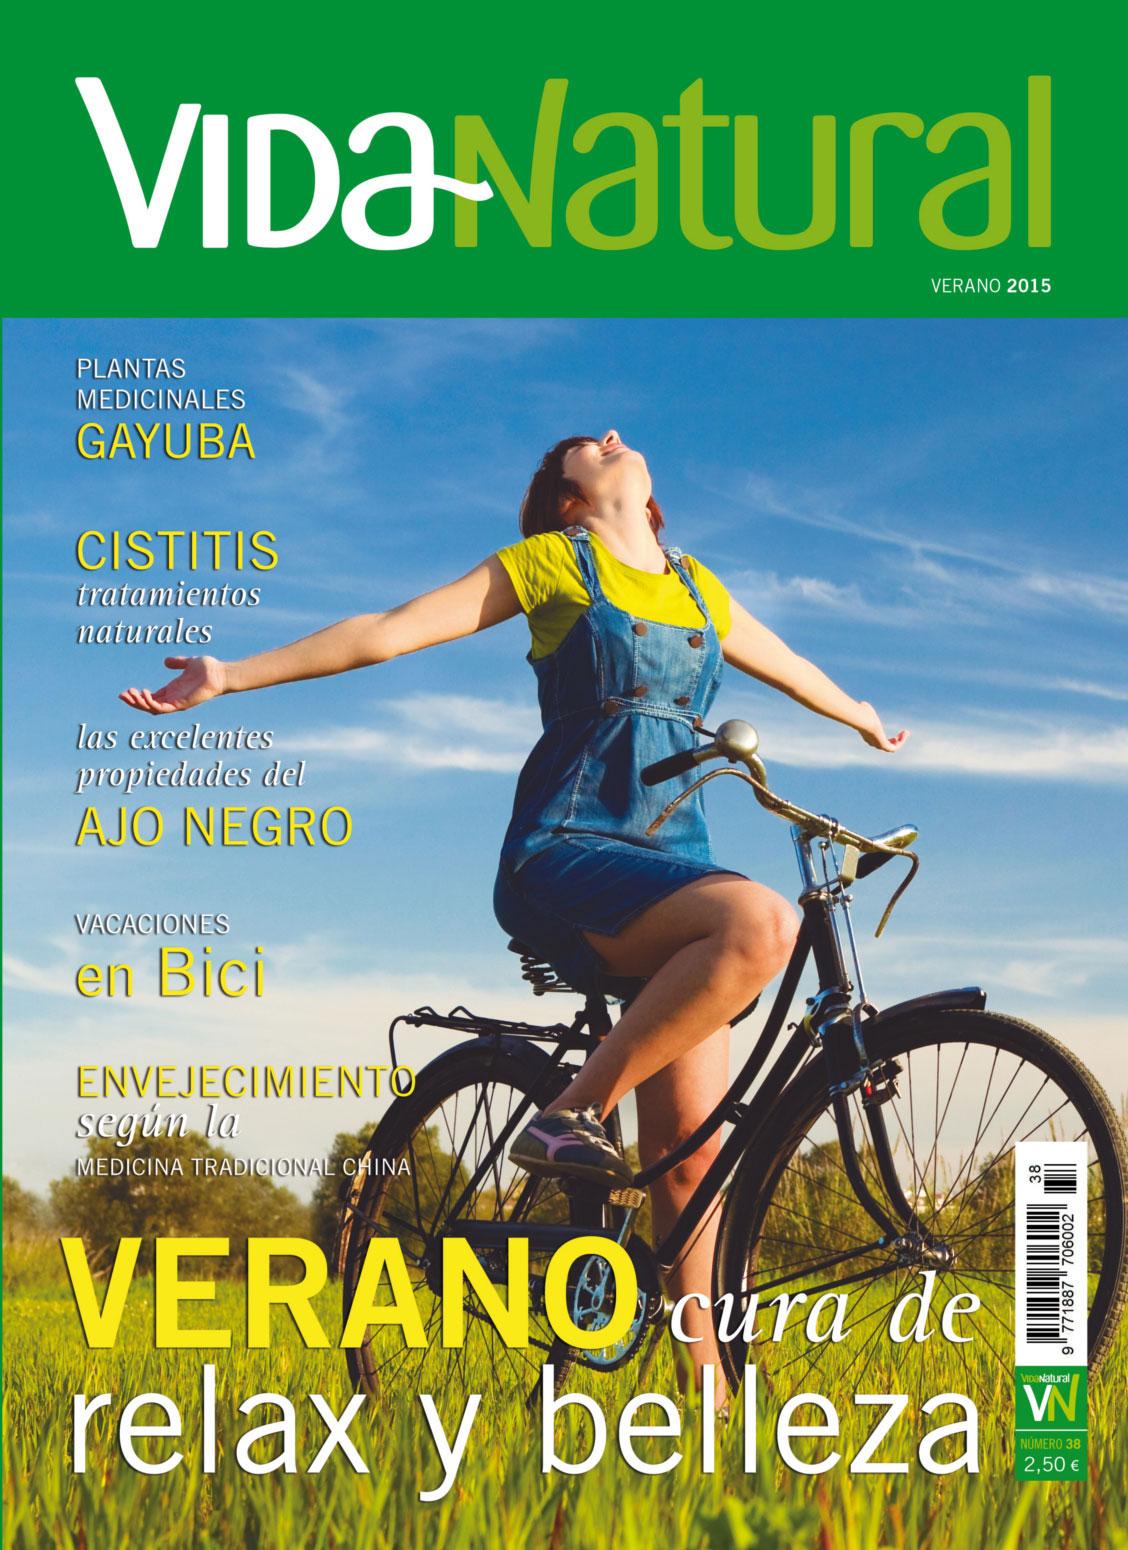 Revista Vida Natural nº 38